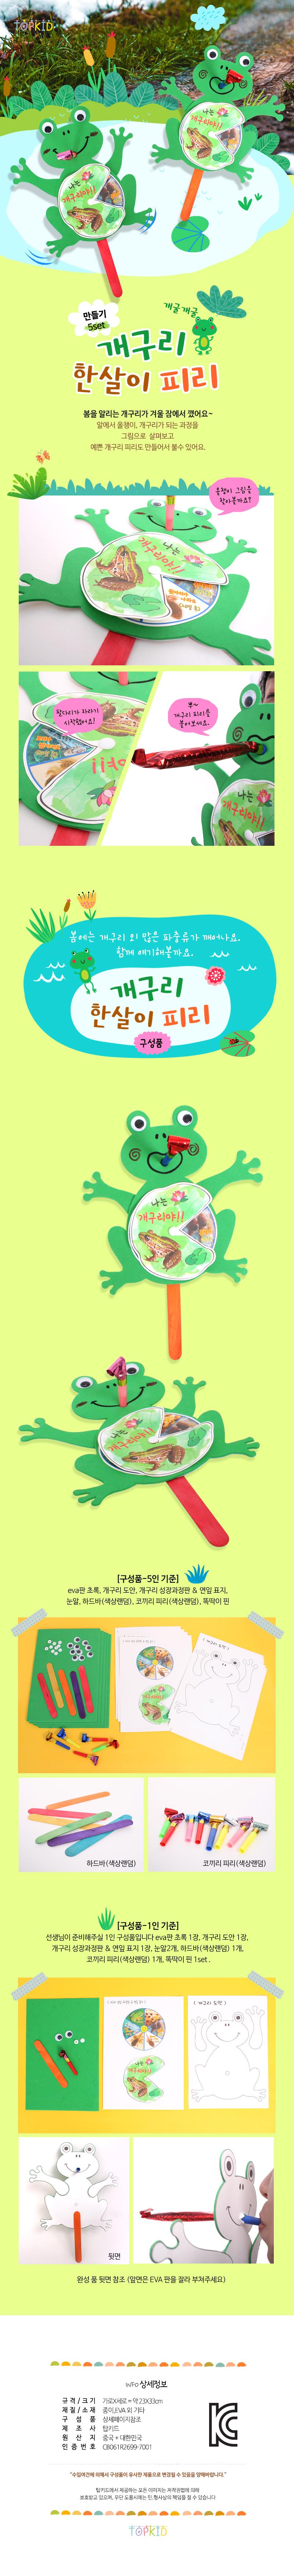 만들기 개구리 한살이 피리(5set) - 하비파티, 6,500원, 종이공예/북아트, 종이공예 패키지